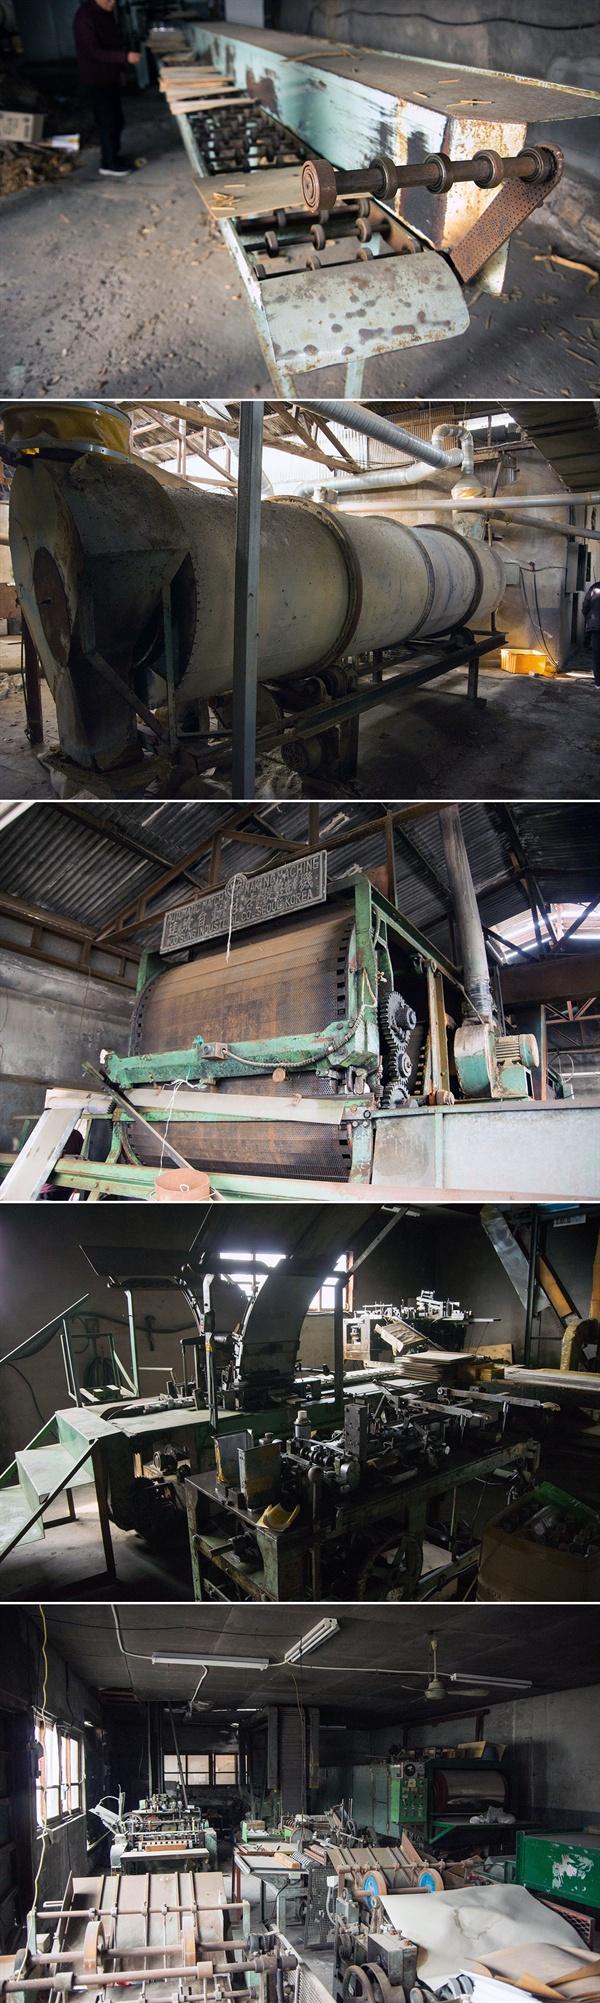 성광성냥공업사는 원목을 성냥개비로 바꾸어 완제품을 생산하는 일괄 자동화공정을 갖춘 공장이었다. 공정별로 별도의 건물이 따로 서 있다.